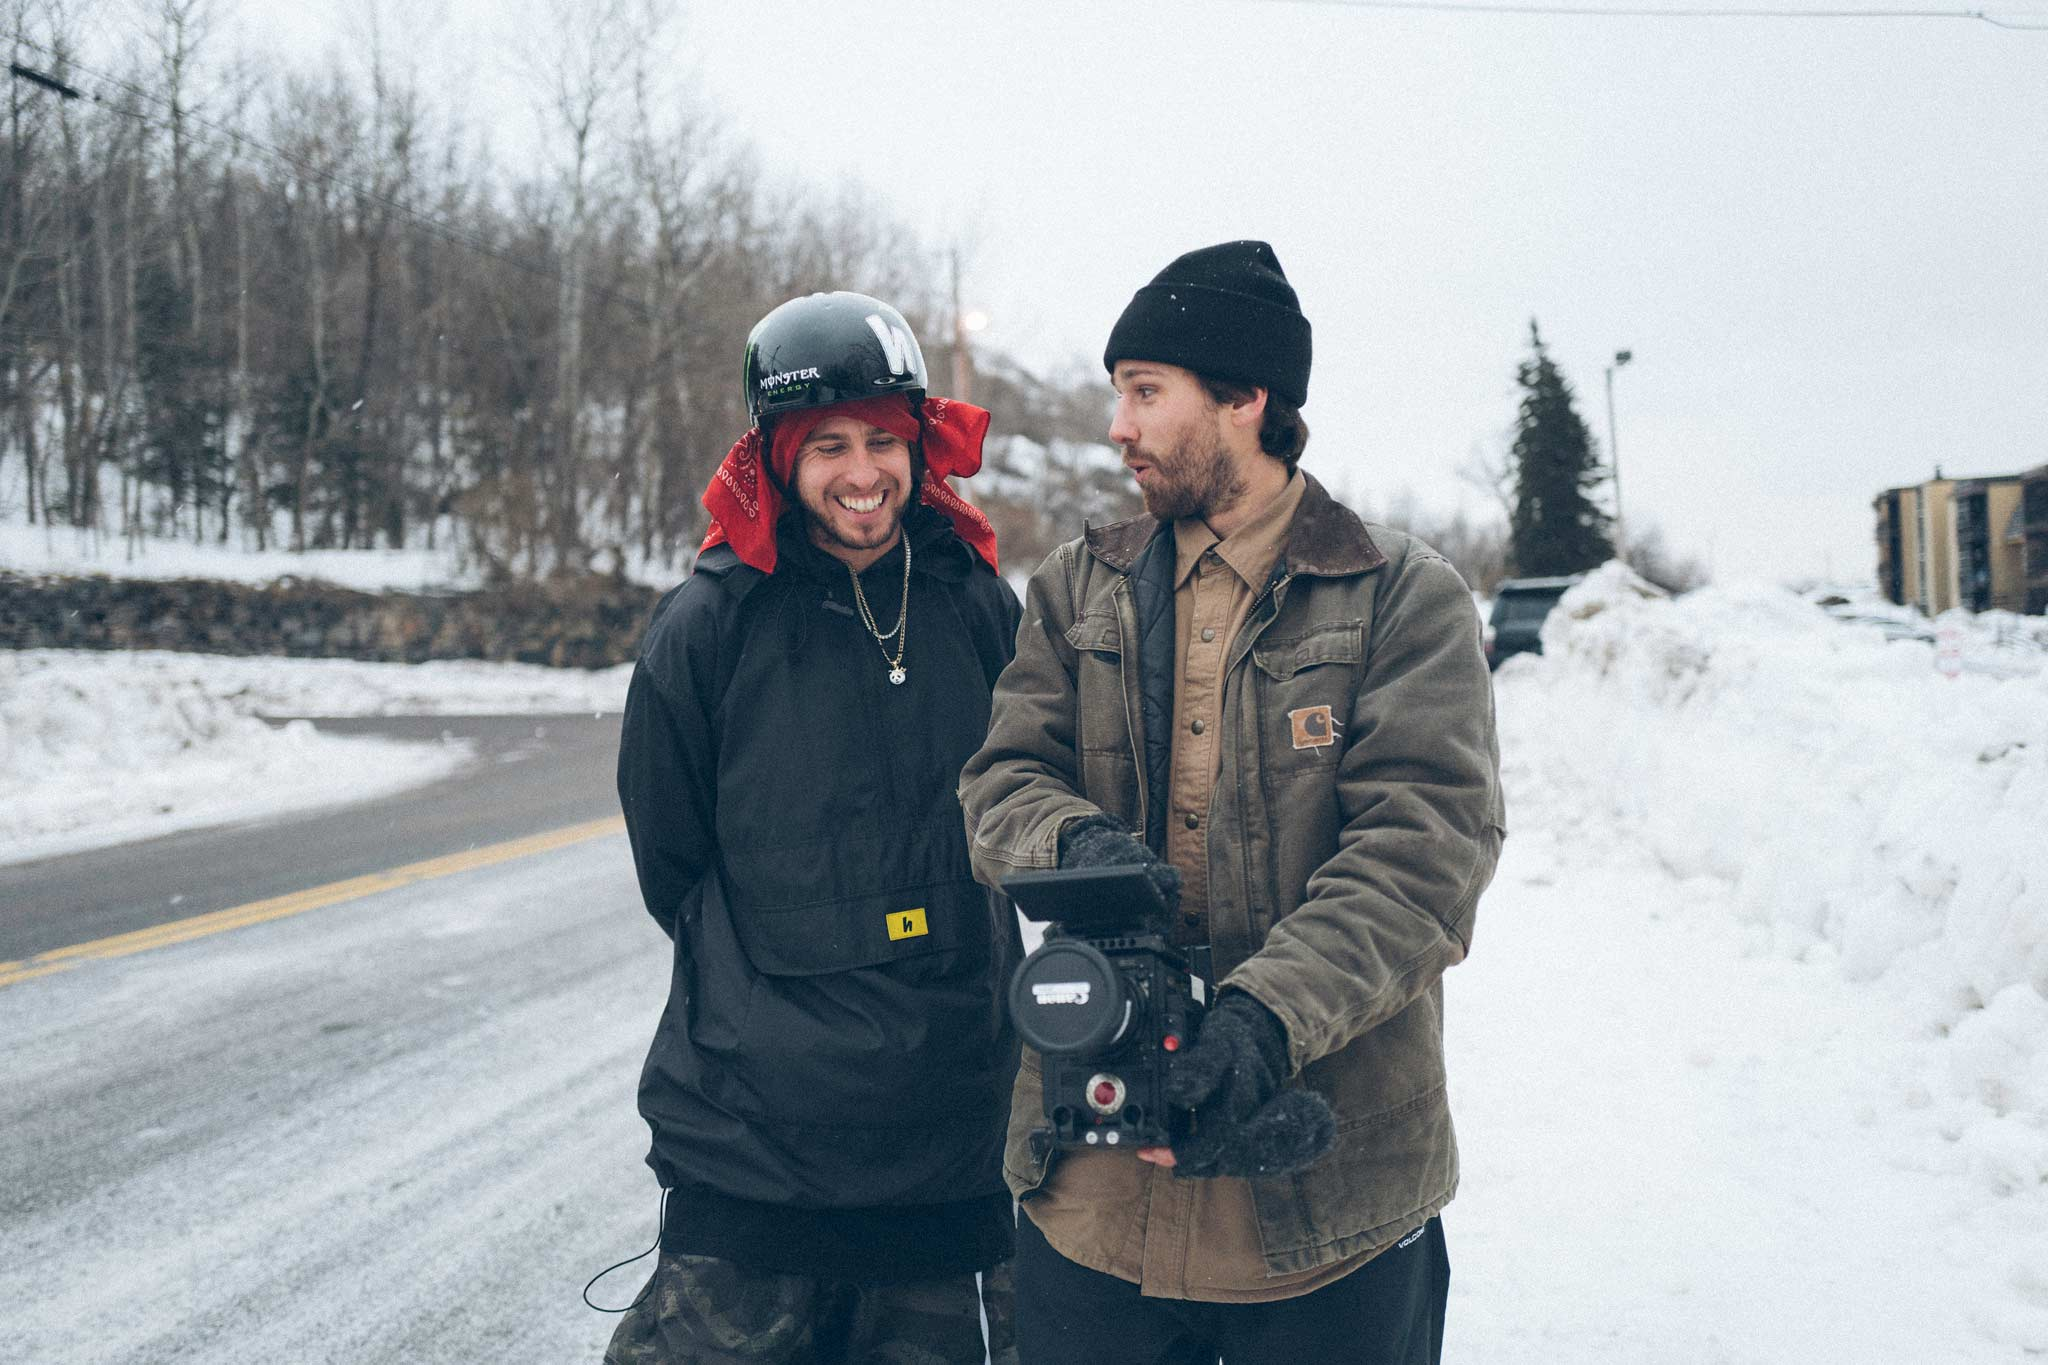 Mittlerweile auch ein Meister hinter der Kamera: Clayton Vila (rechts) - Bild: Josh Bishop